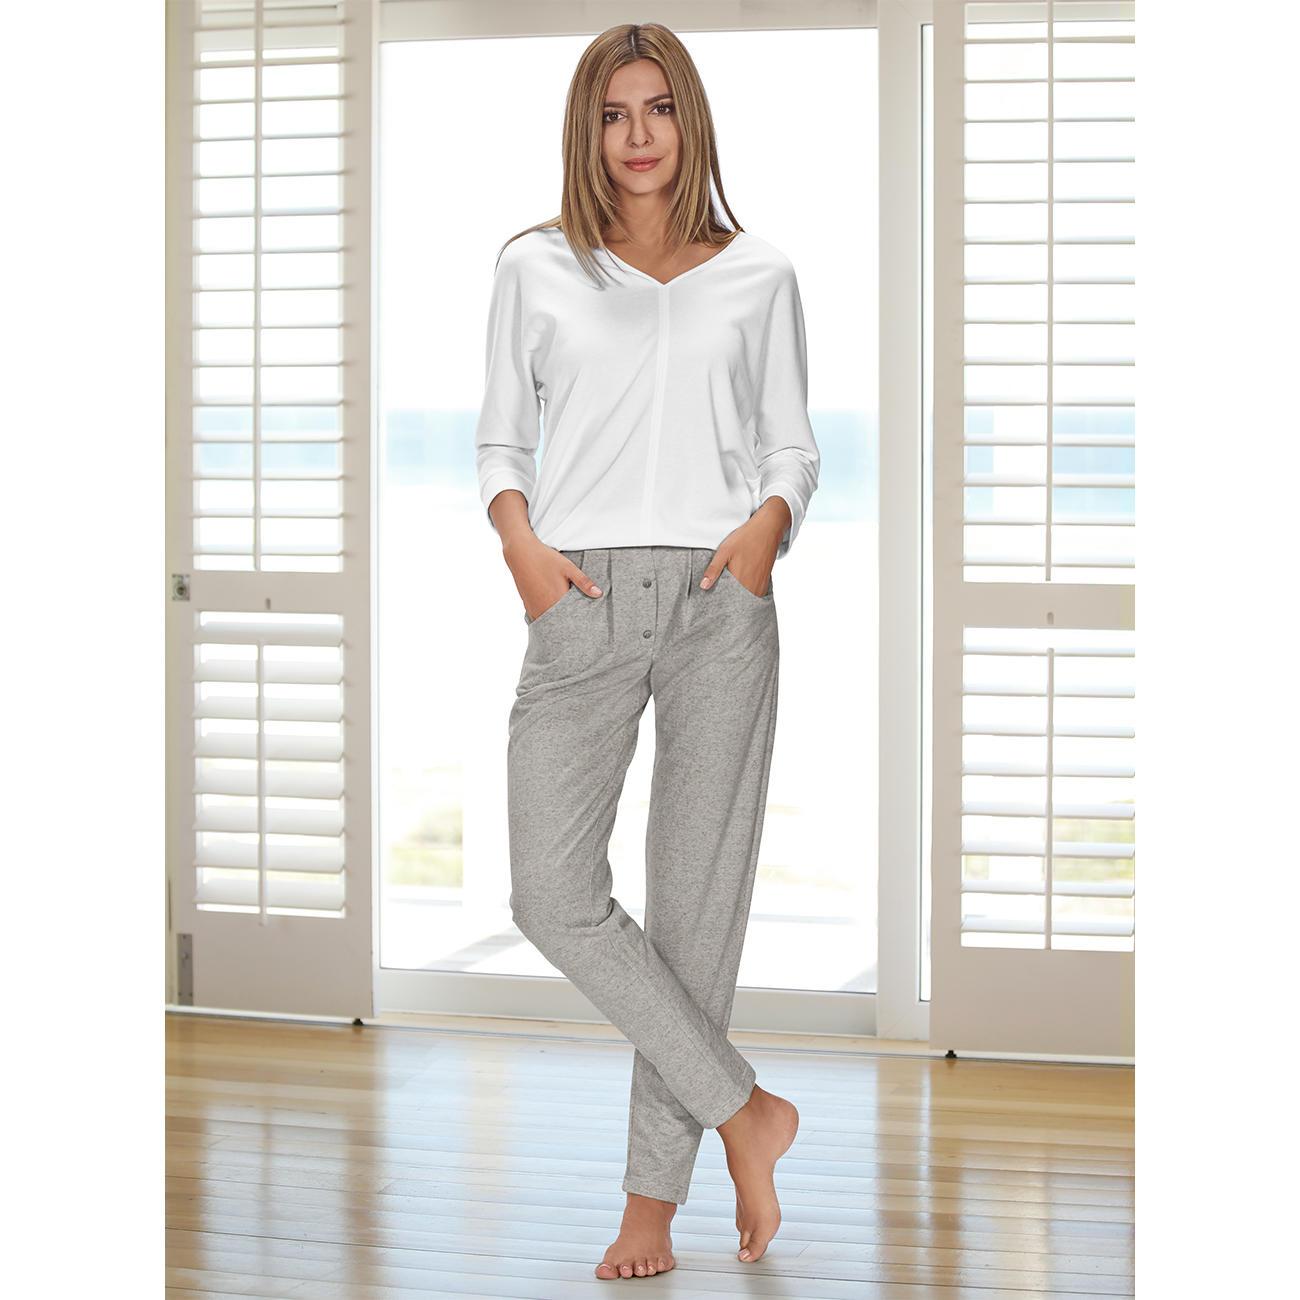 HFor Sweatshirt oder Sweat-Pants, 44/46 - Weiß - Sweatshirt :: Weiß - 44/46 -  - Erwachsene